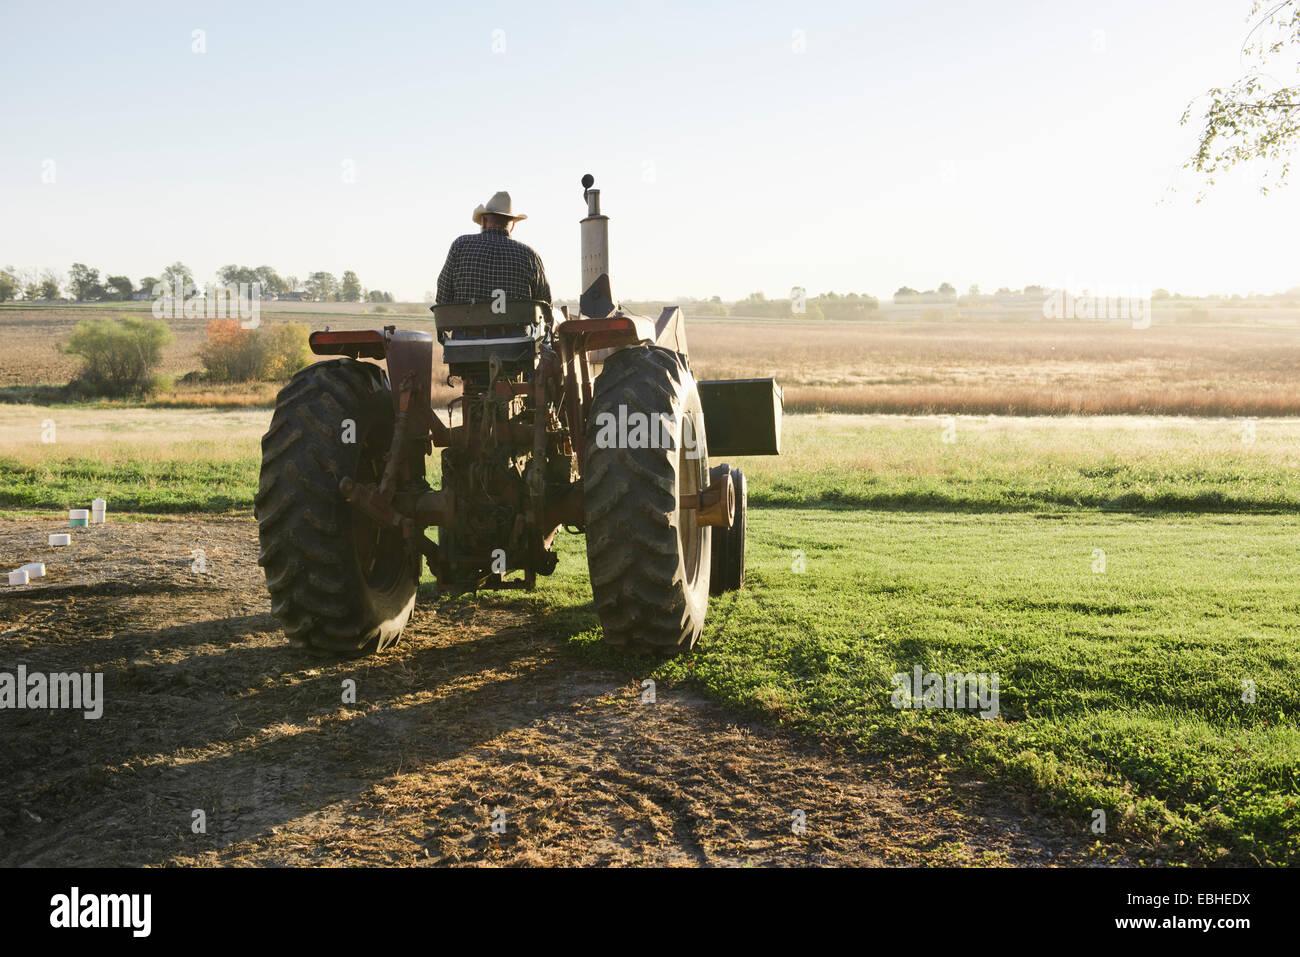 Rückansicht des senior männlichen Bauer Traktor fahren, im Feld, Plattsburg, Missouri, USA Stockbild